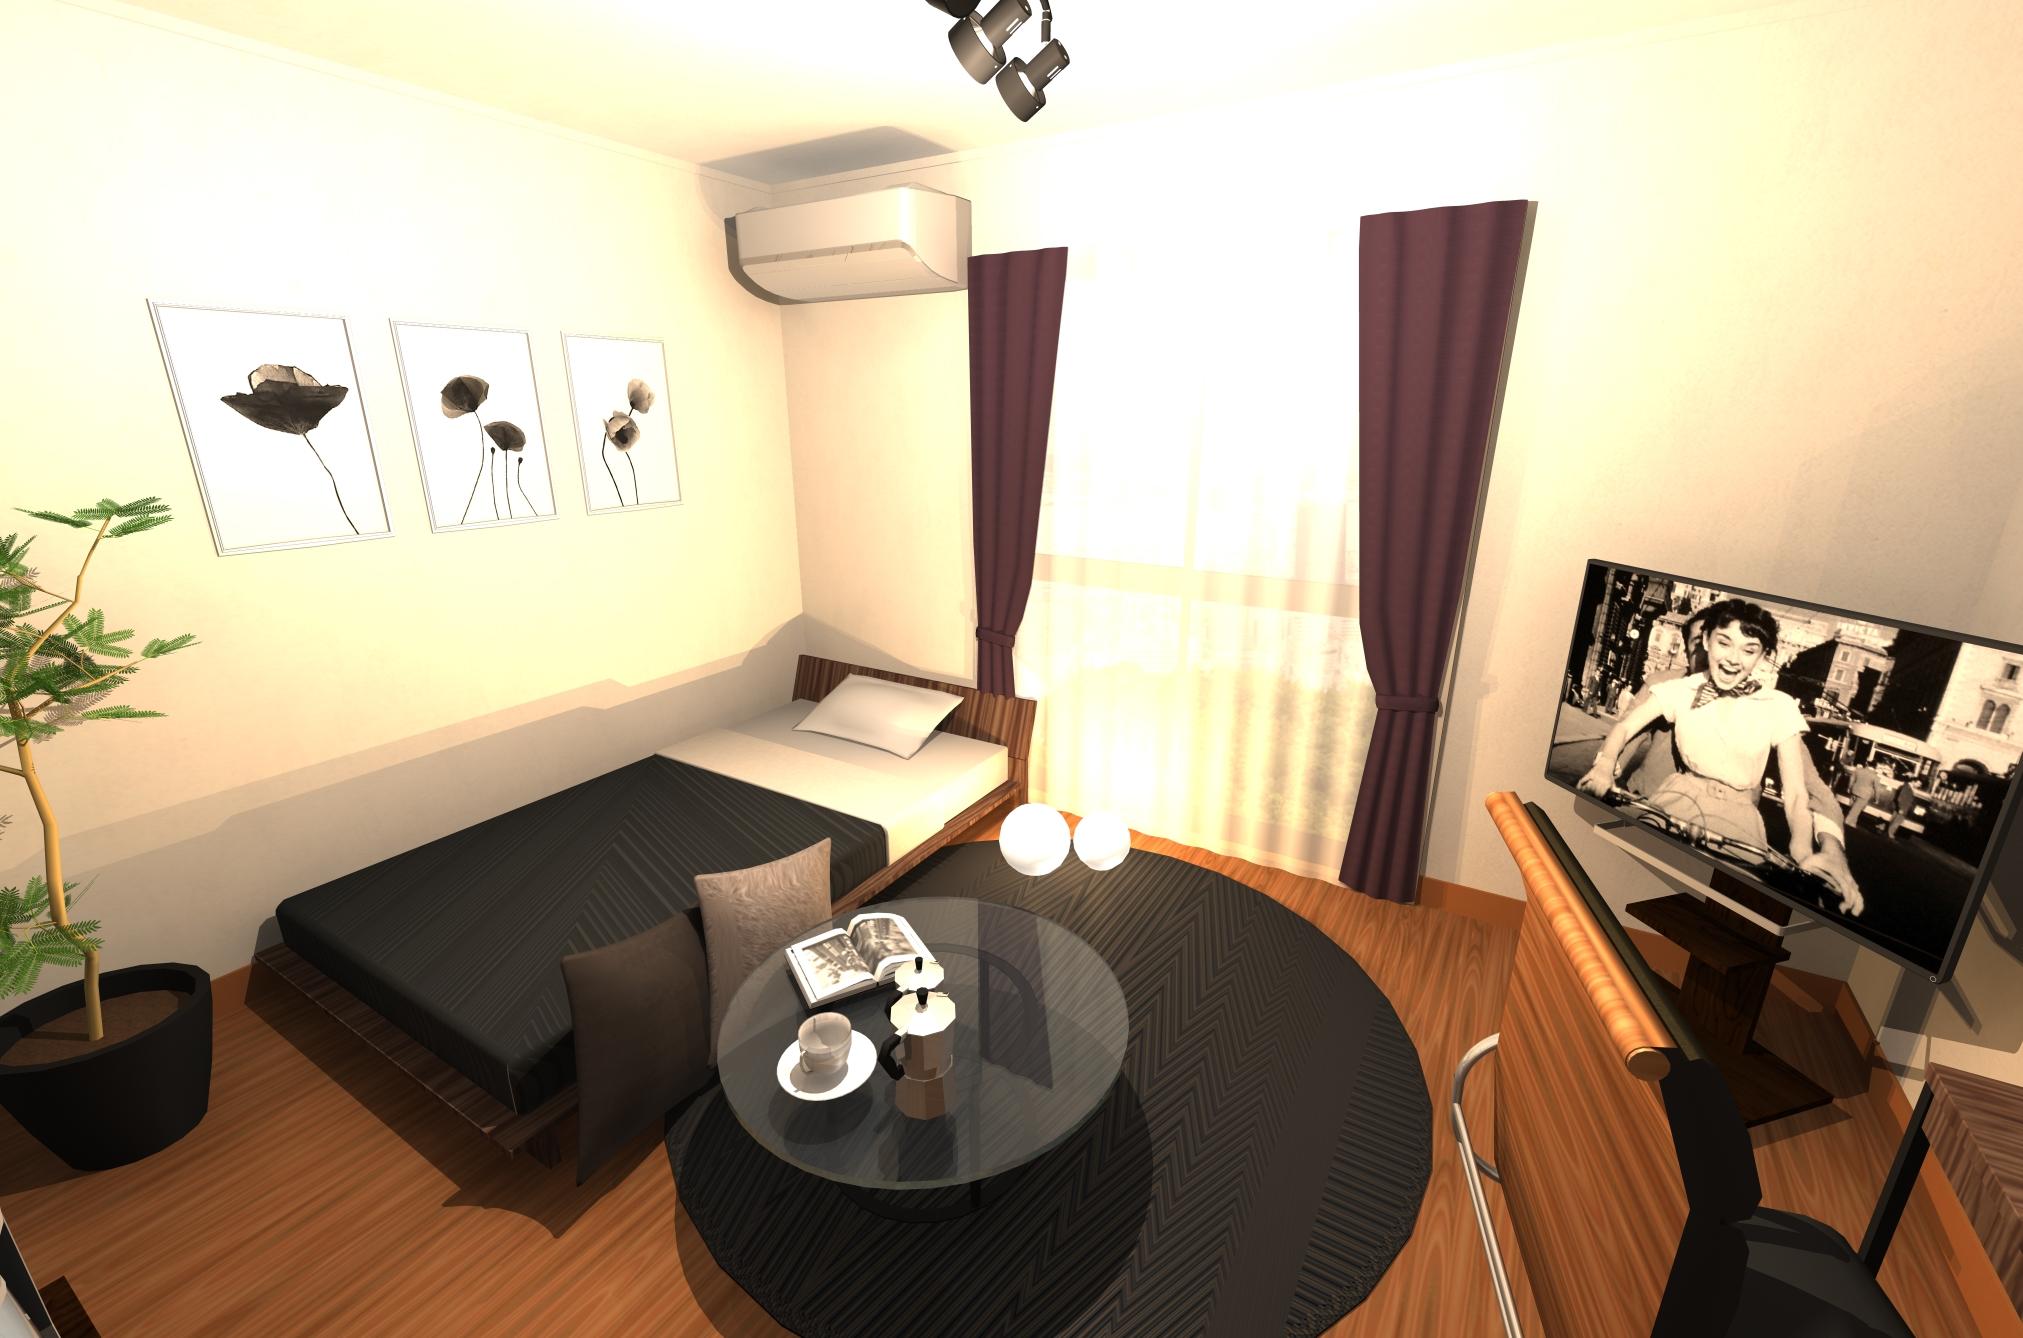 挽きたてのコーヒーの香りが似合う、ダークカラーでまとめたシックモダンなお部屋